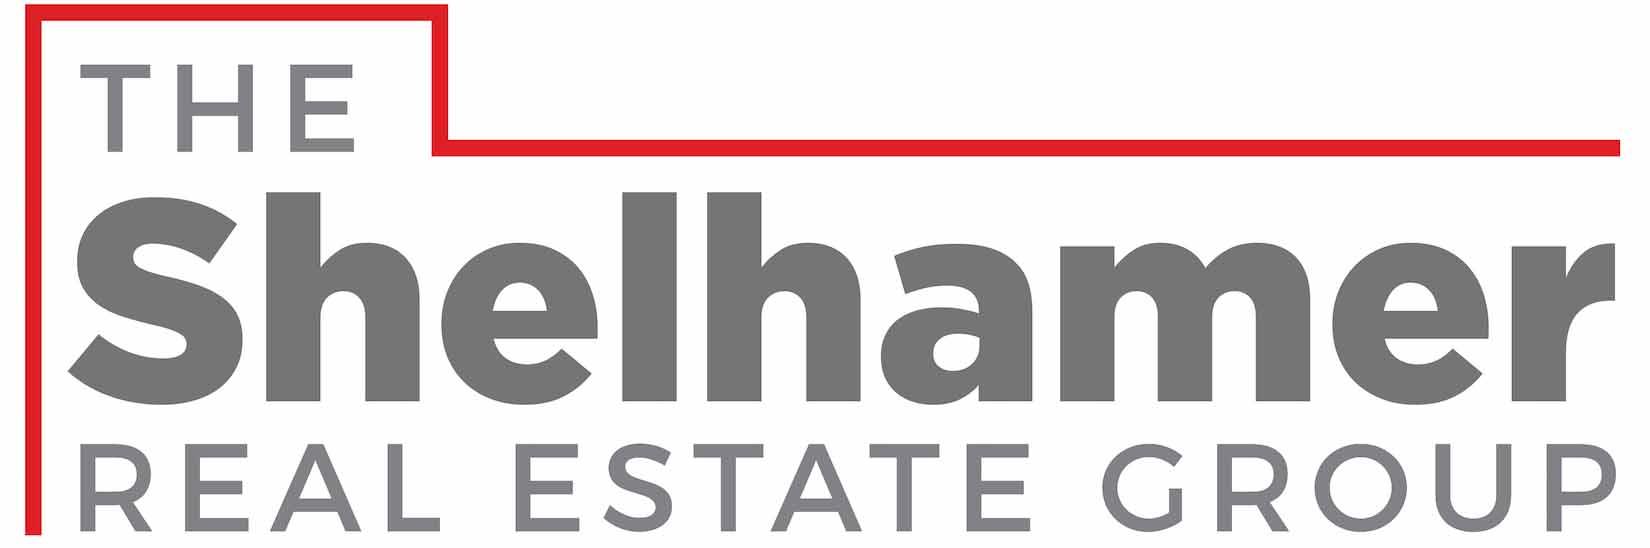 PROUDFEST and the New Gay DTLA | Glenn Shelhamer Real Estate Agent | DTLA Lofts For Sale